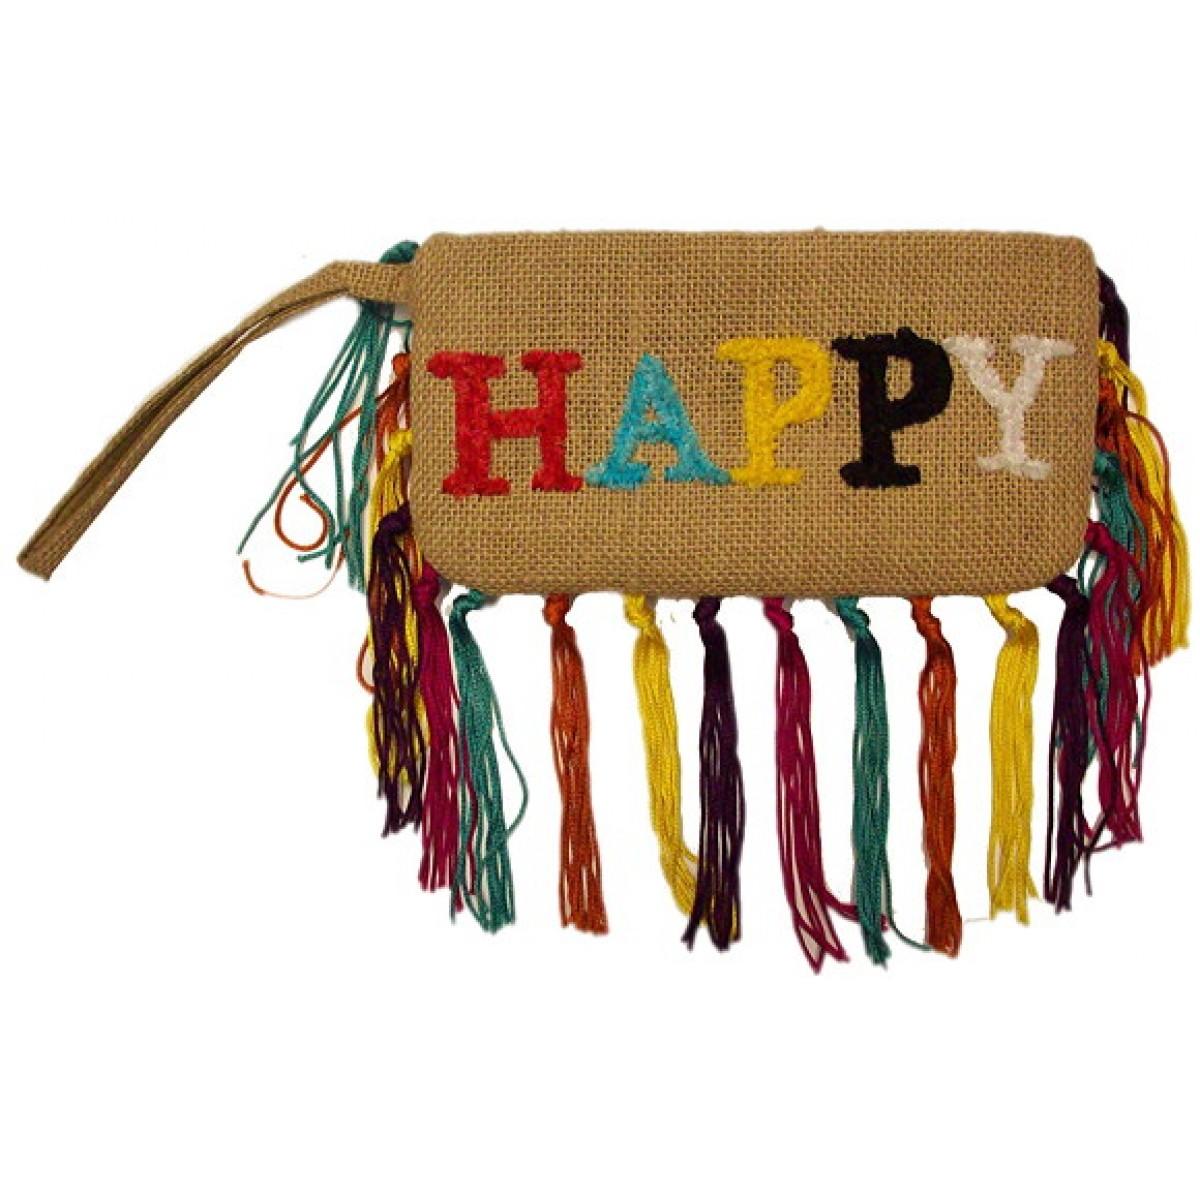 HAPPY Zipper Pouch